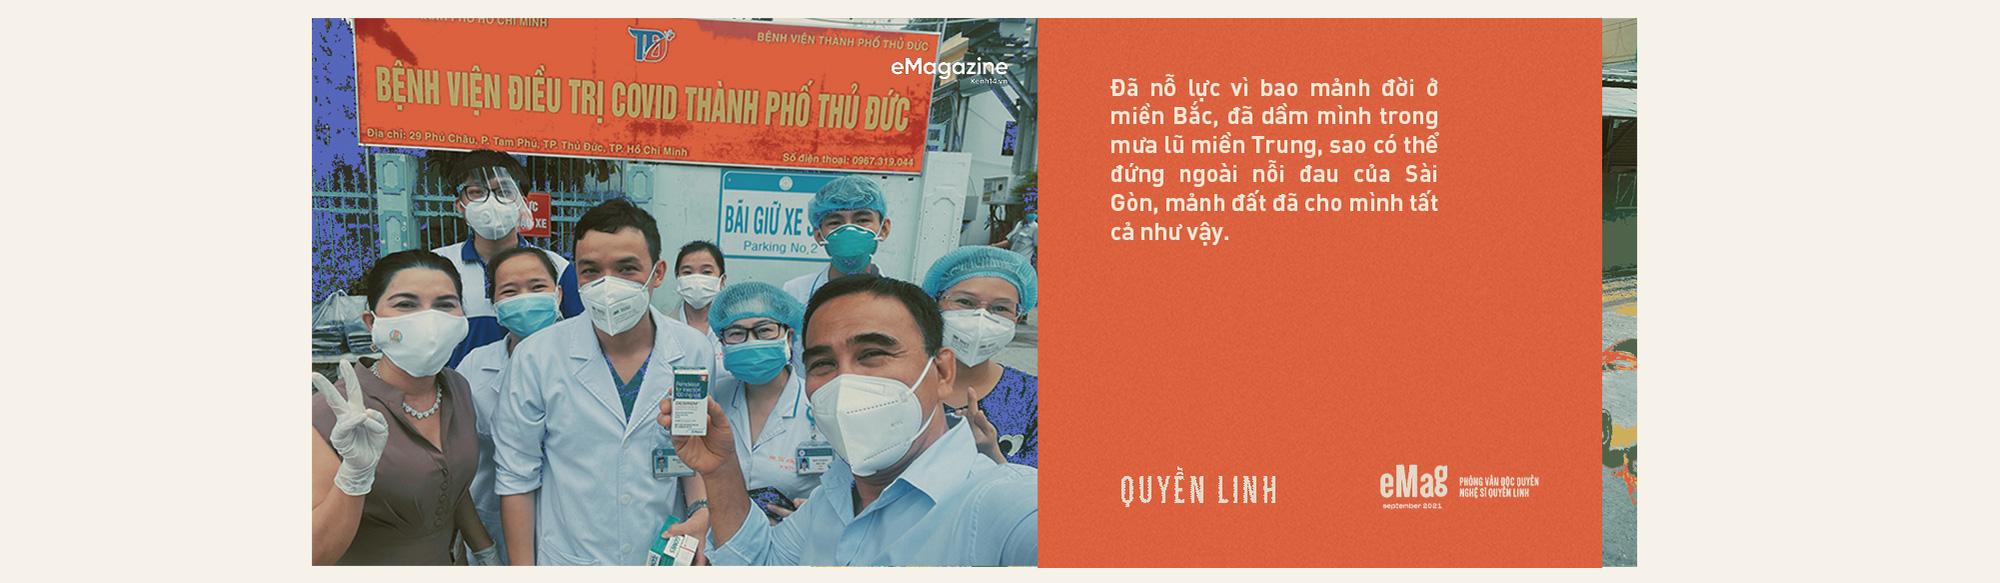 Quyền Linh: Sài Gòn đã cho tôi quá nhiều, giờ khi thành phố bị ốm, sao mình đành lòng ở trong nhà mà hưởng thụ - Ảnh 13.